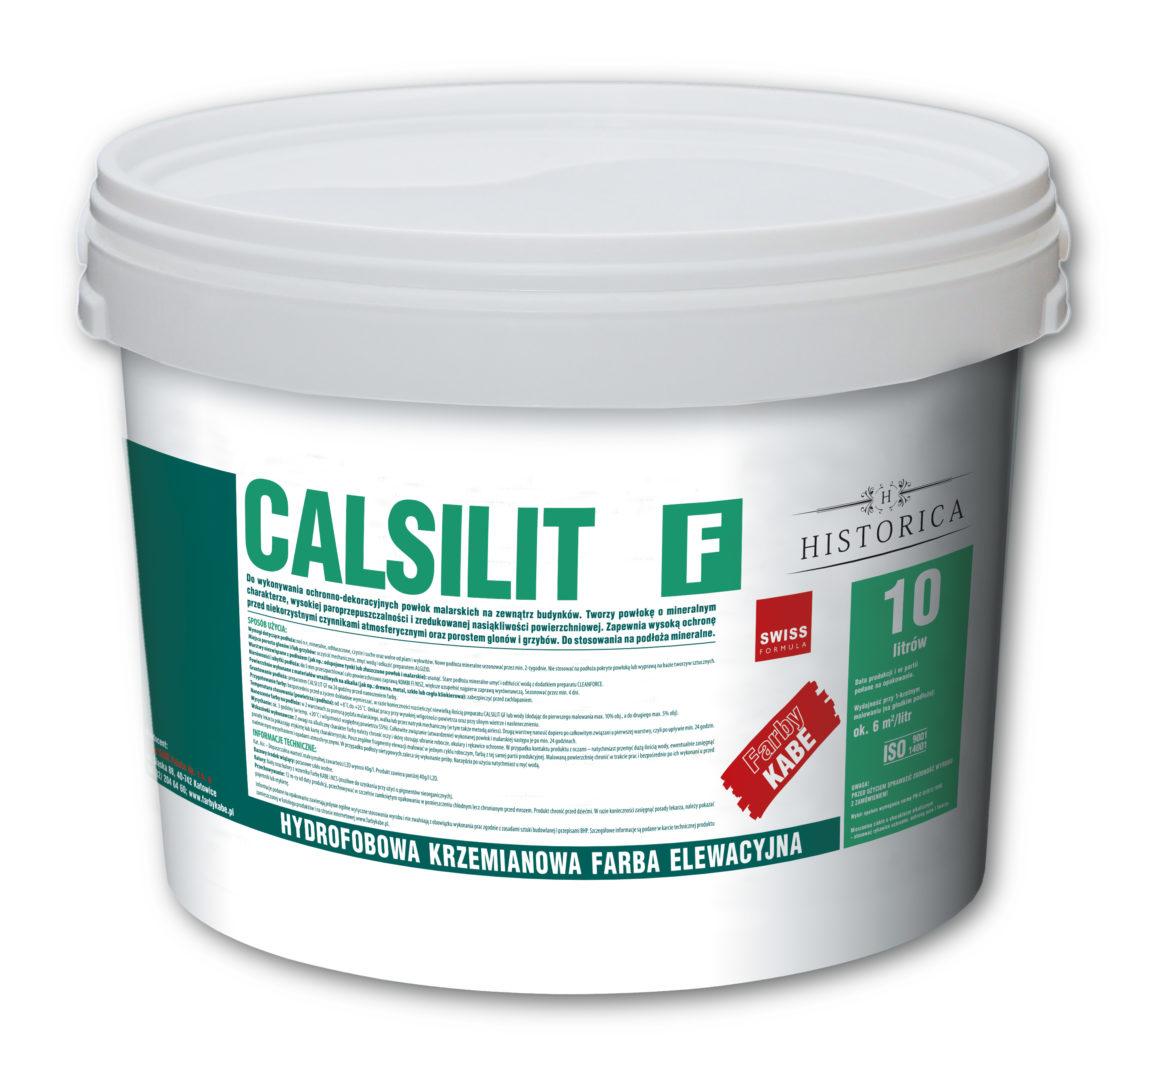 Silikatowa (krzemianowa) farba CALSILIT F - Farby Kabe